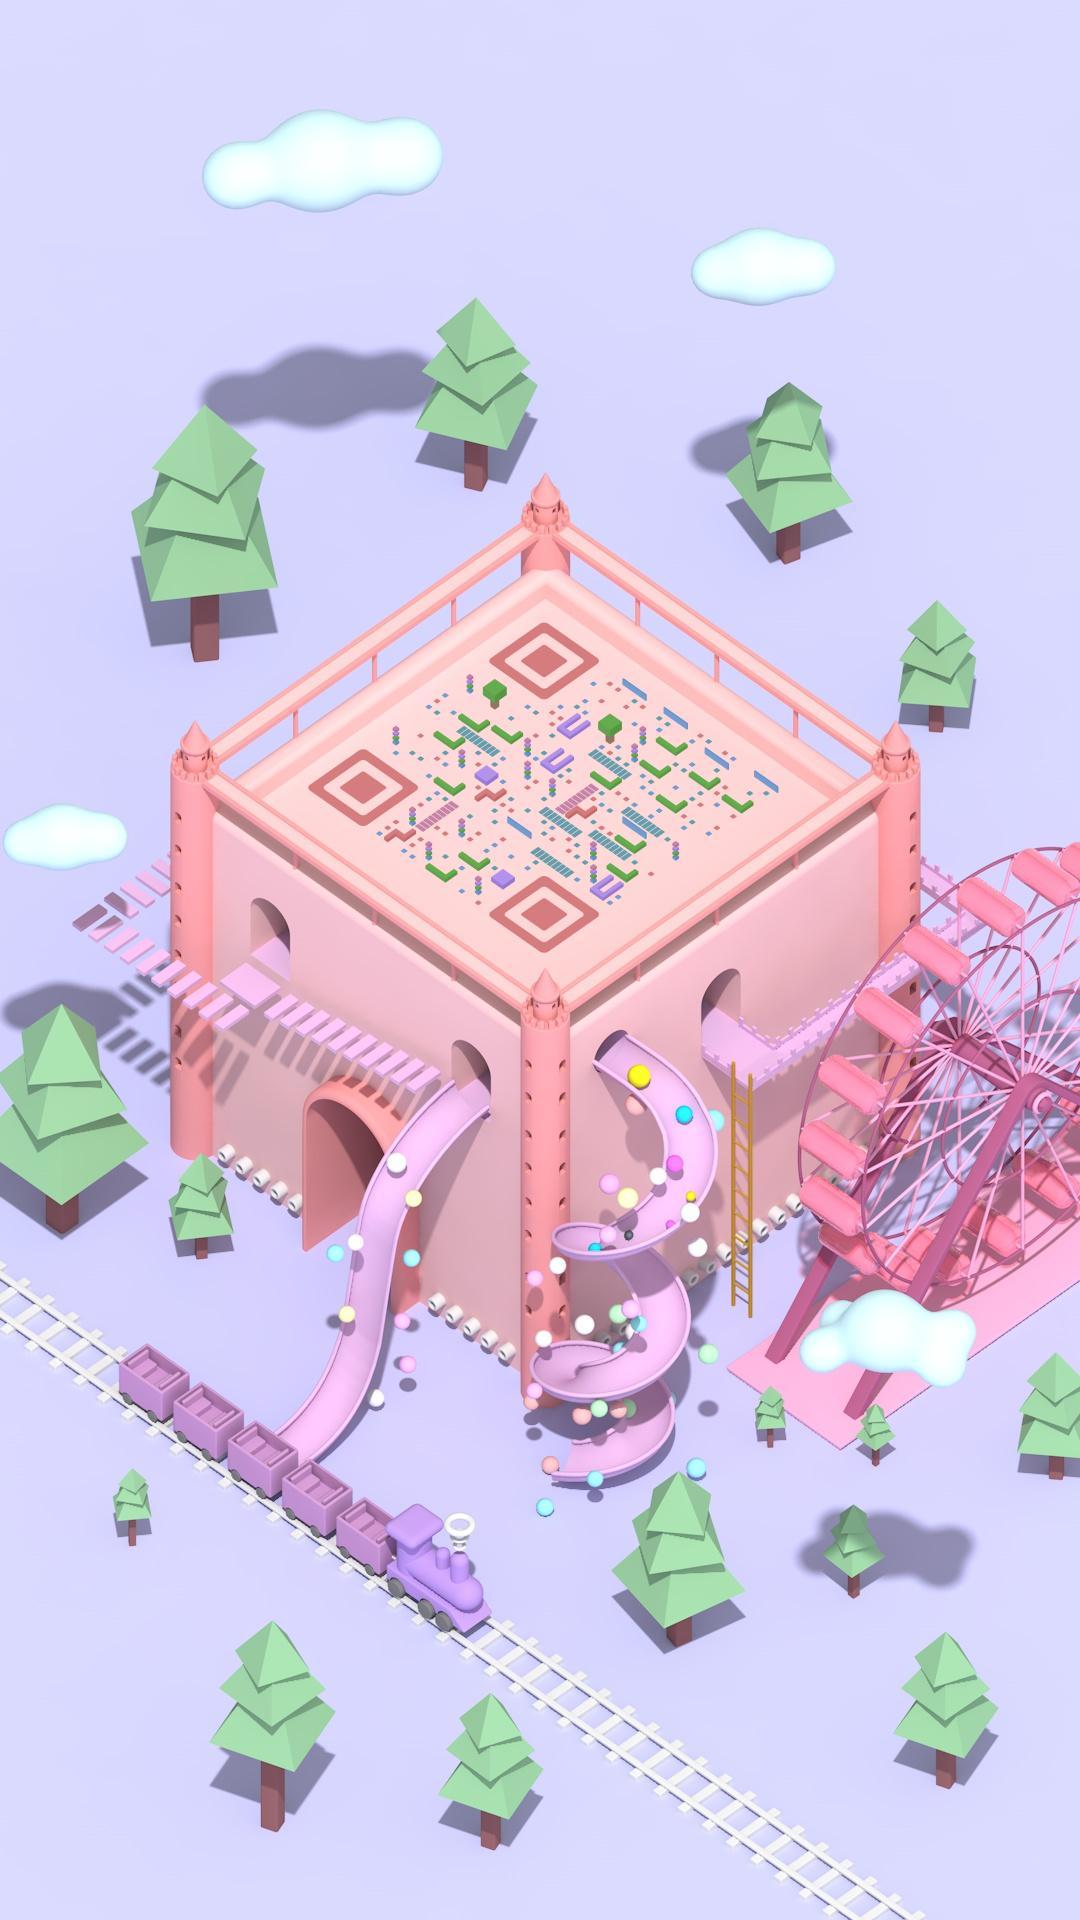 游乐城堡 艺术二维码